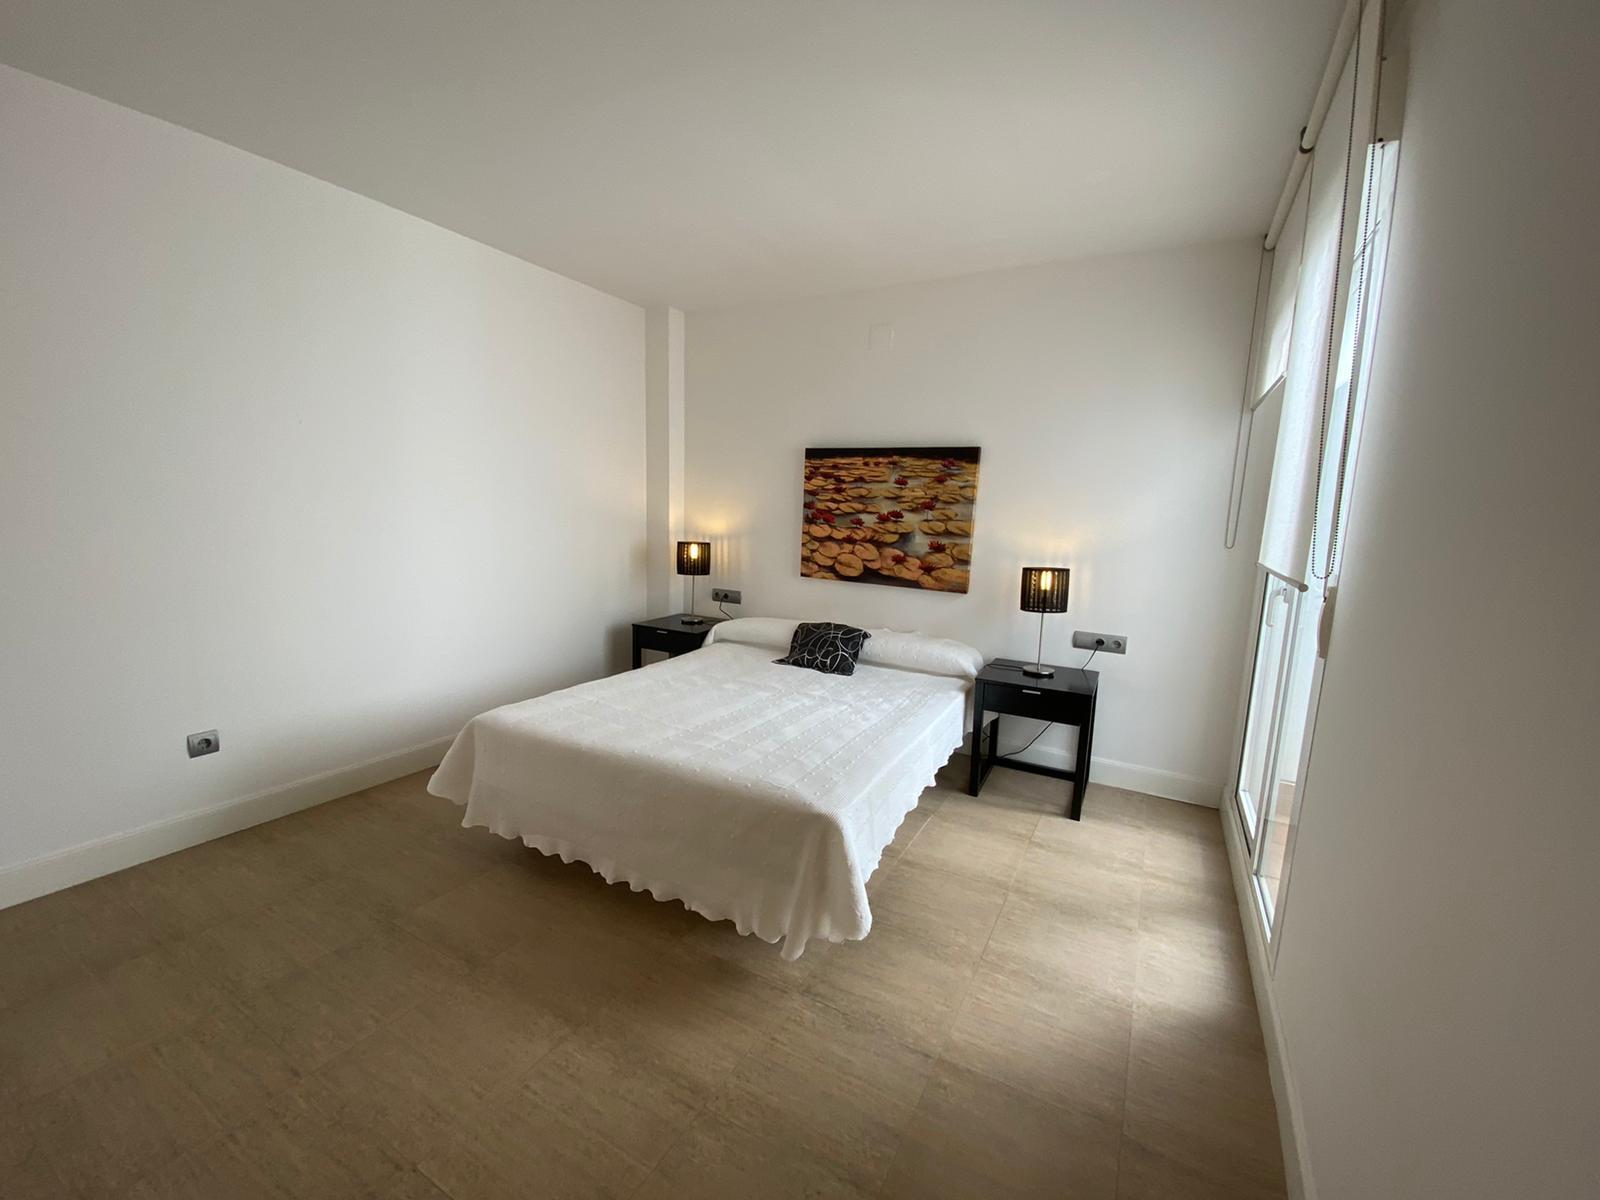 Imagen 12 del Apartamento Turístico, Ático 6 Poniente (3d+2b), Punta del Moral (HUELVA), Paseo de la Cruz nº22